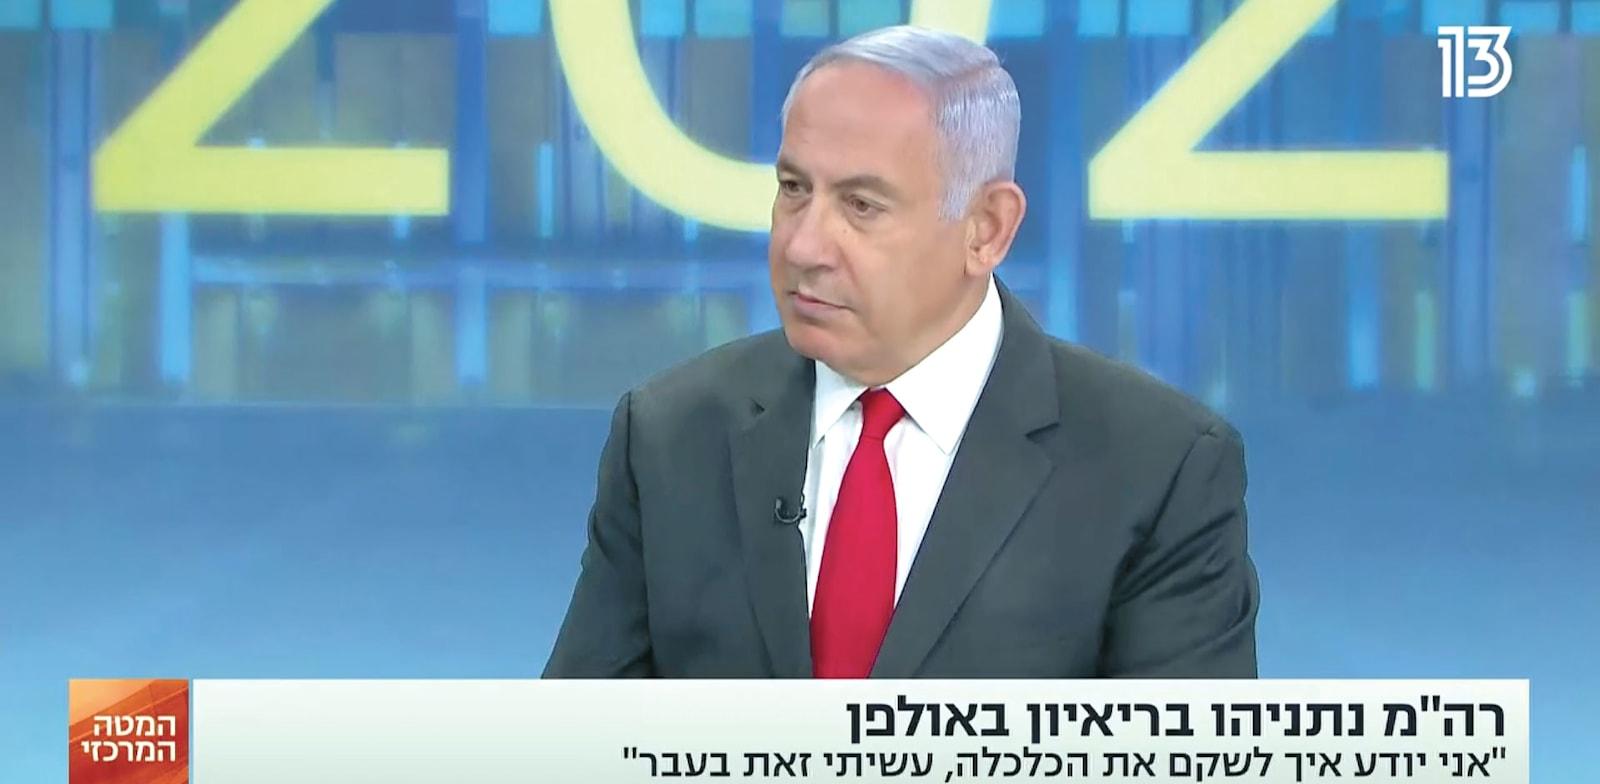 """ראש הממשלה בנימין נתניהו / צילום: צילום מסך מתוך התוכנית """"המטה המרכזי"""", חדשות 13"""